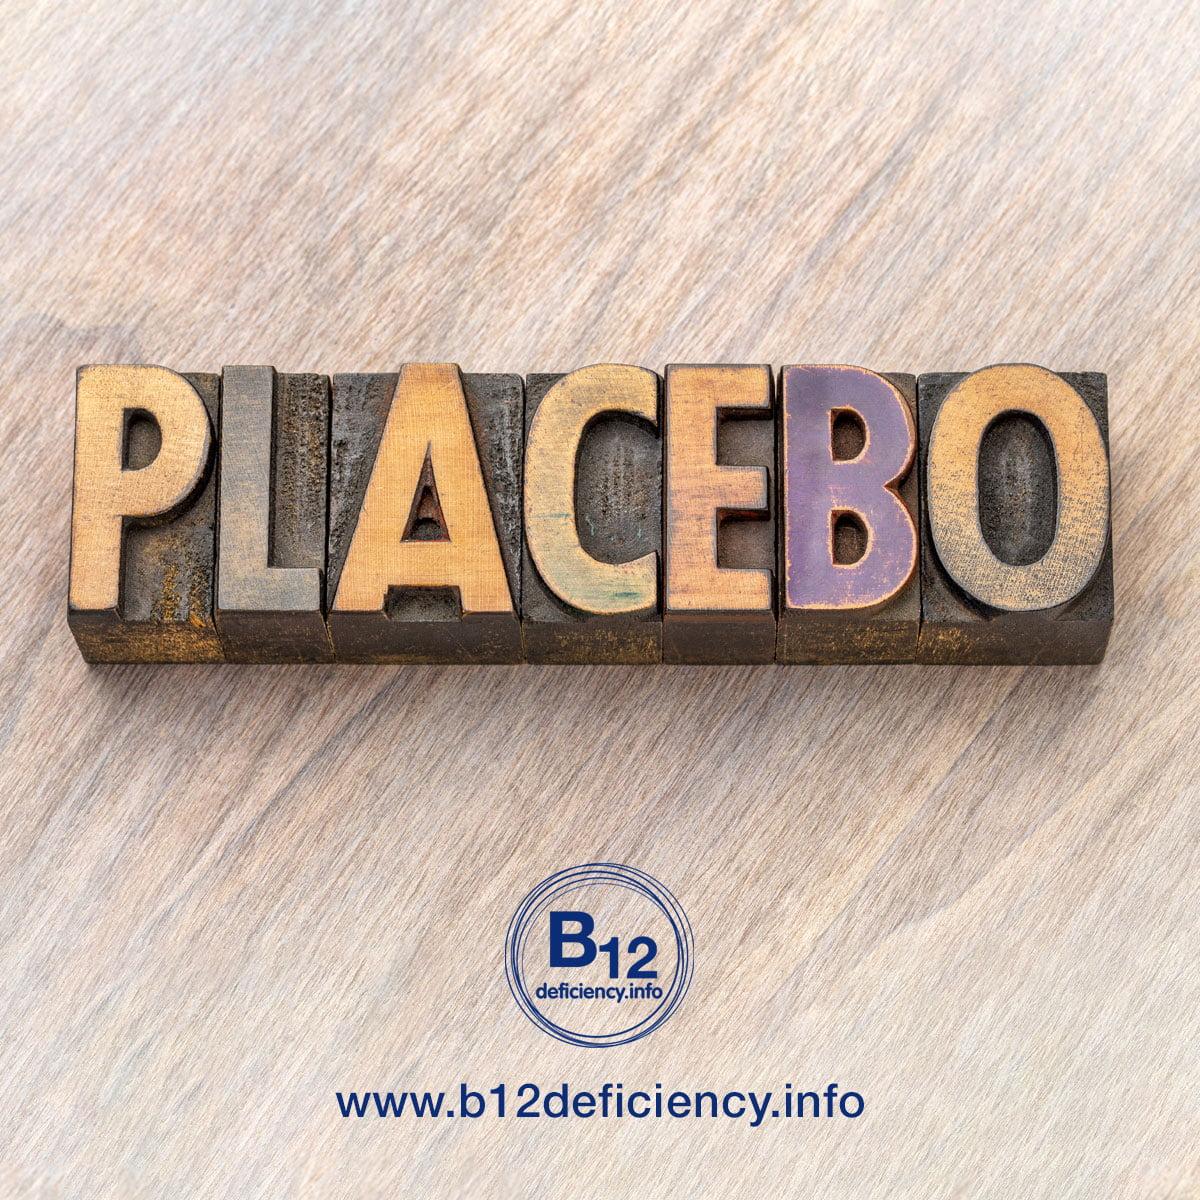 FBI-B12-Placebo